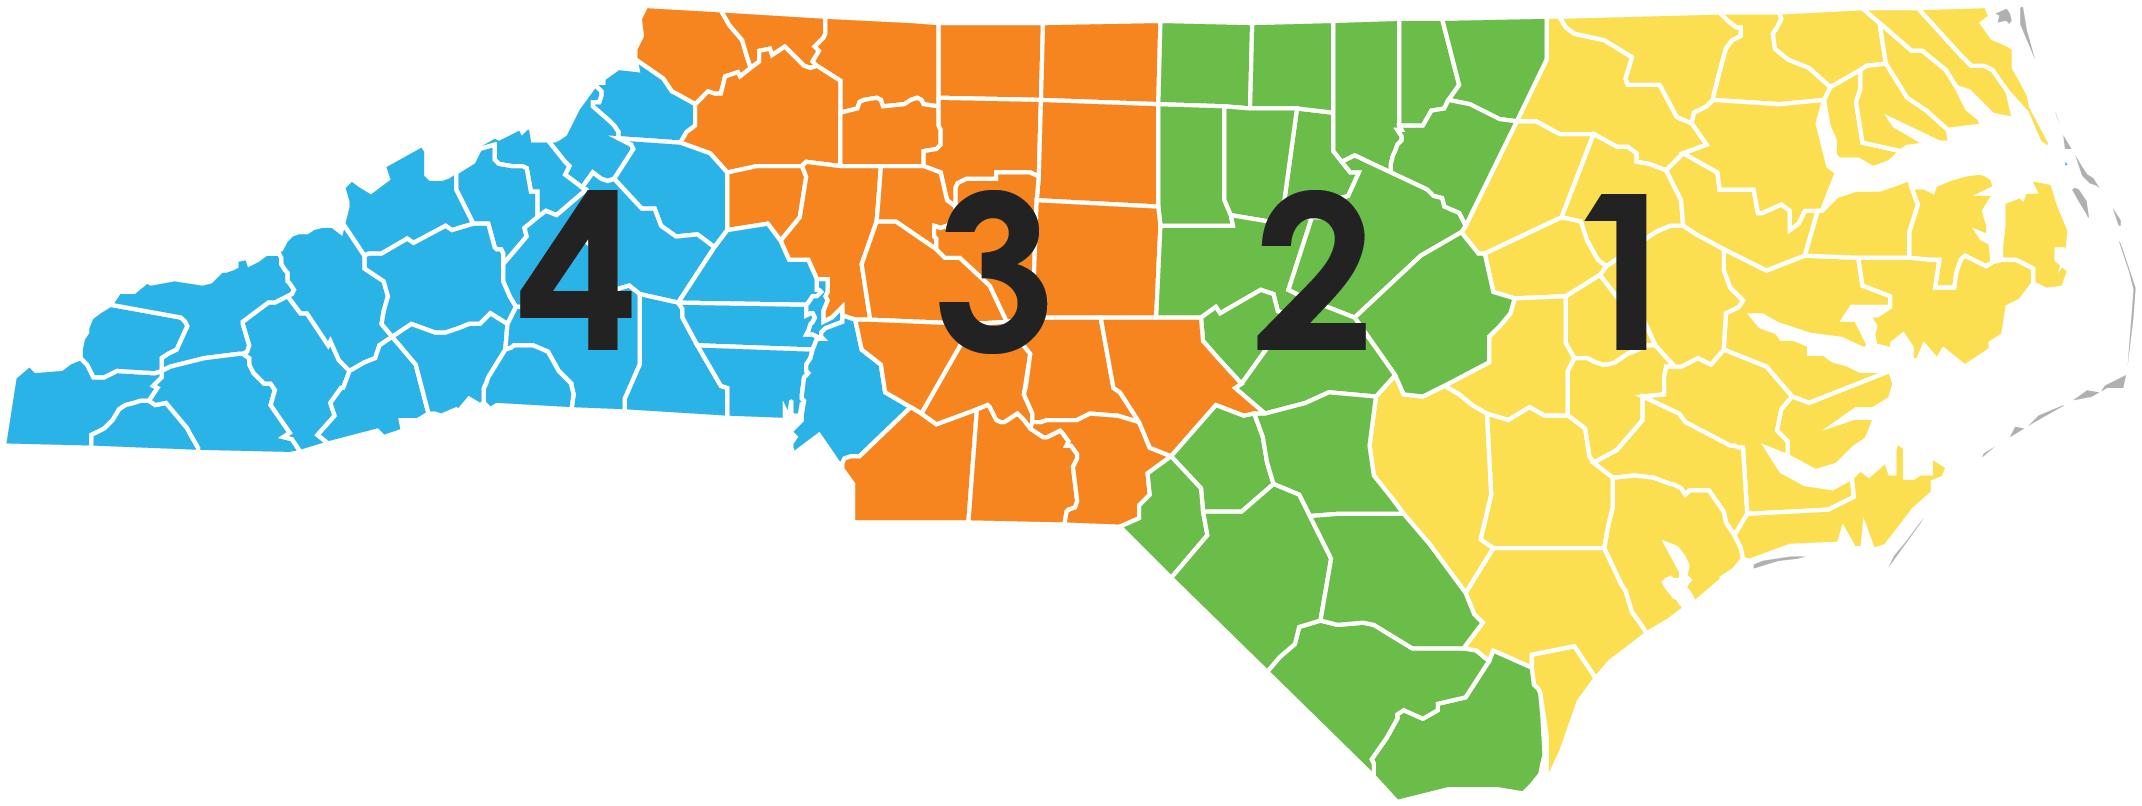 map03-7-11